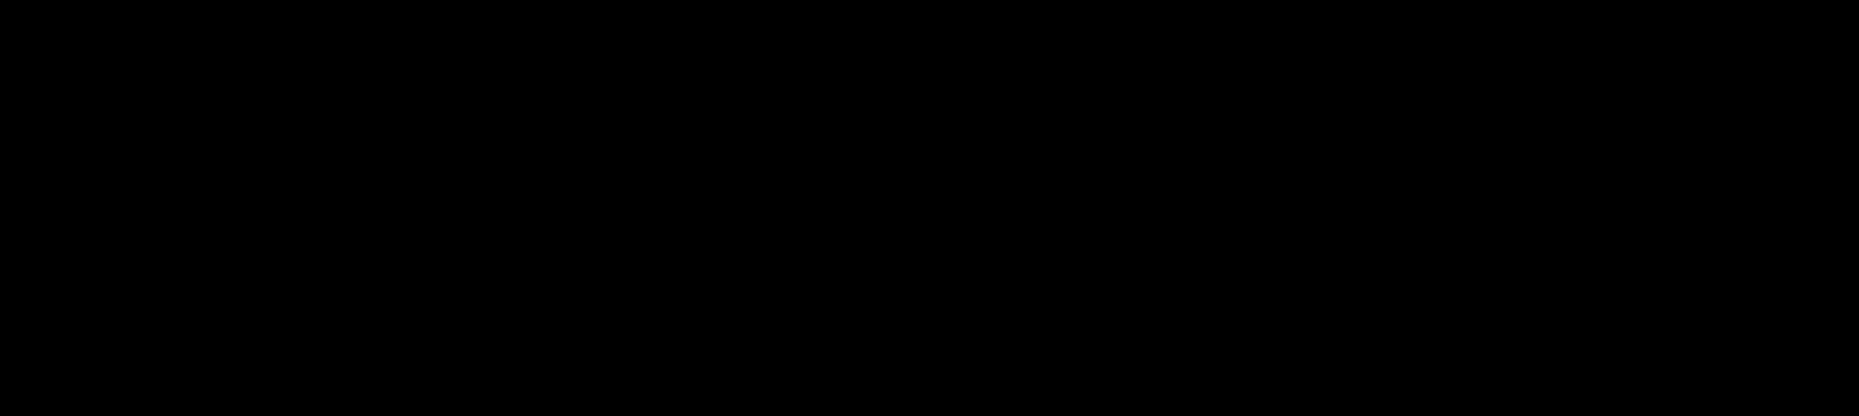 logo plat studio raclette noir